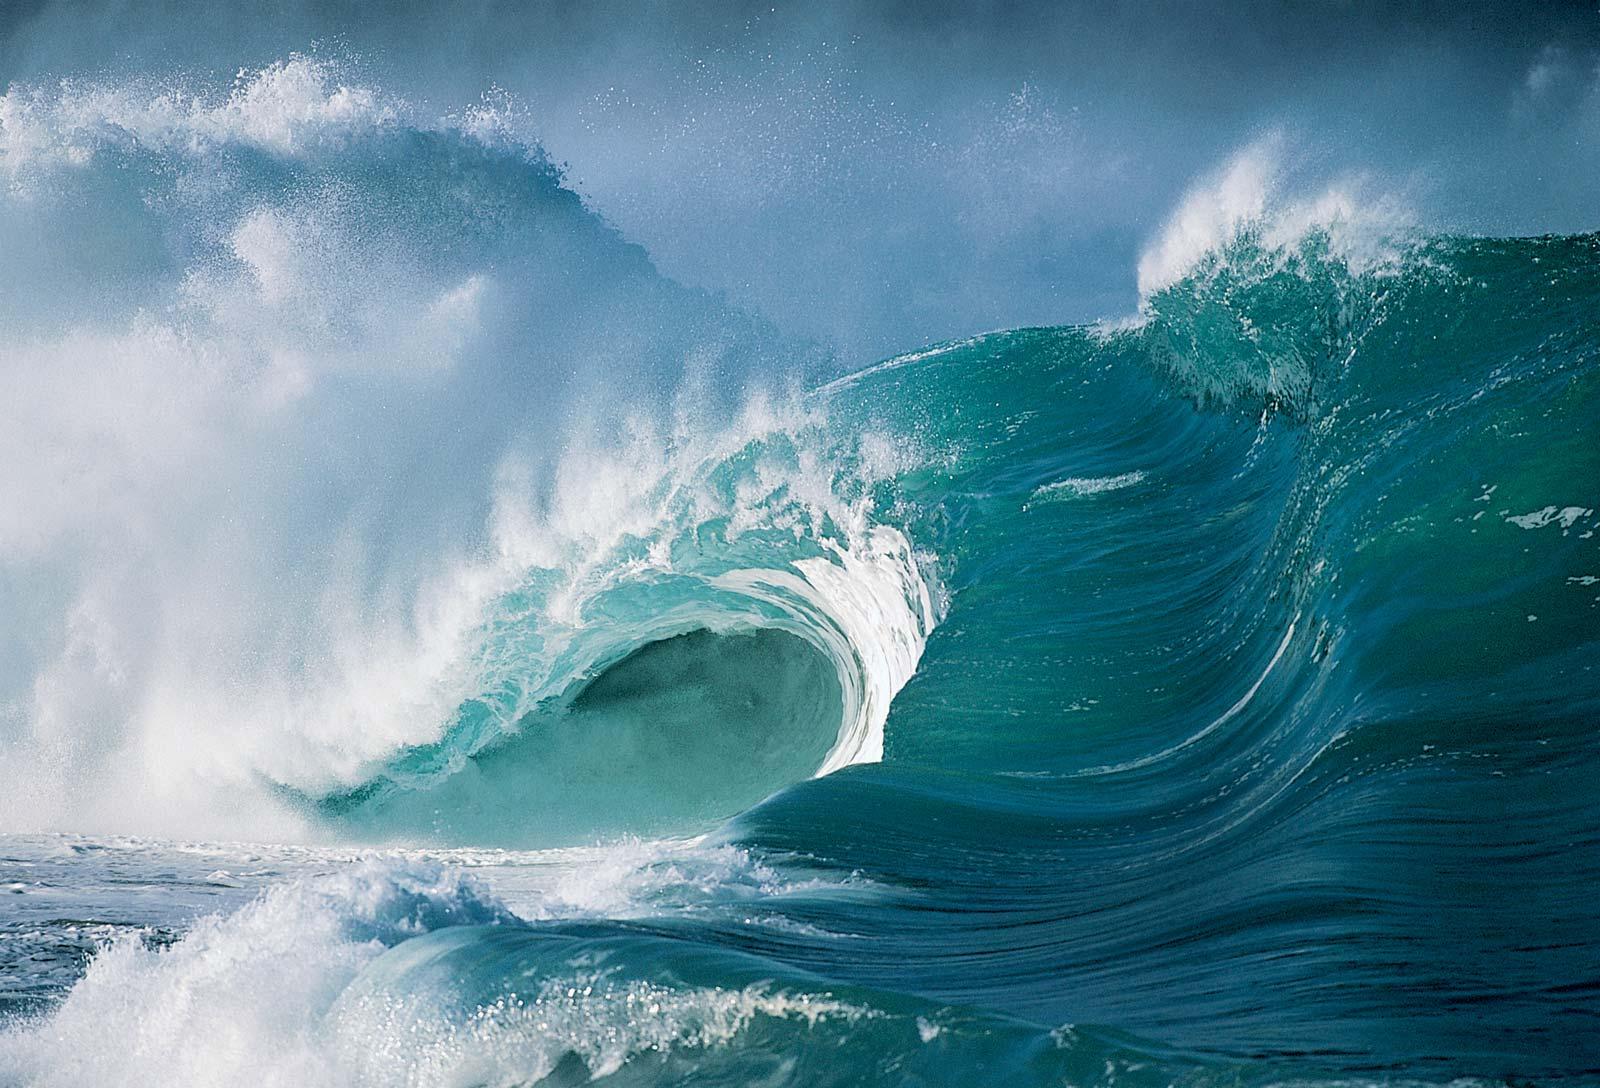 Θάλασσα και Ψυχική Υγεία: Τα αρνητικά ιόντα της θάλασσας μπορεί να ενισχύσουν την ψυχική σας υγεία και ανθεκτικότητα [vid]